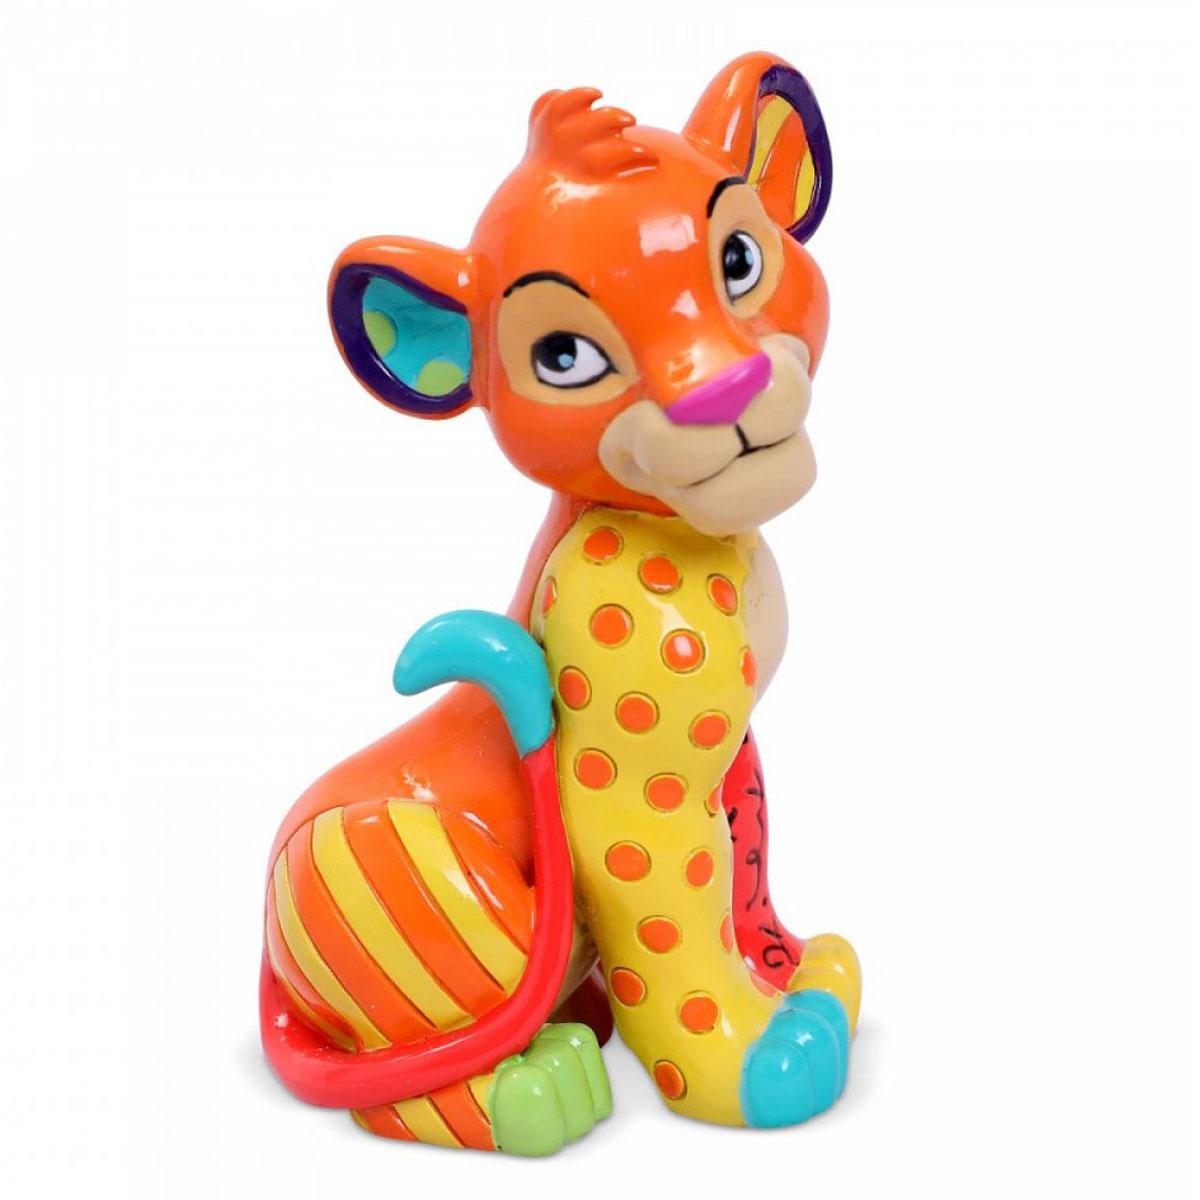 Figurine créateur \'Le Roi Lion\' Simba (Britto) - 65x40 mm - [R2034]